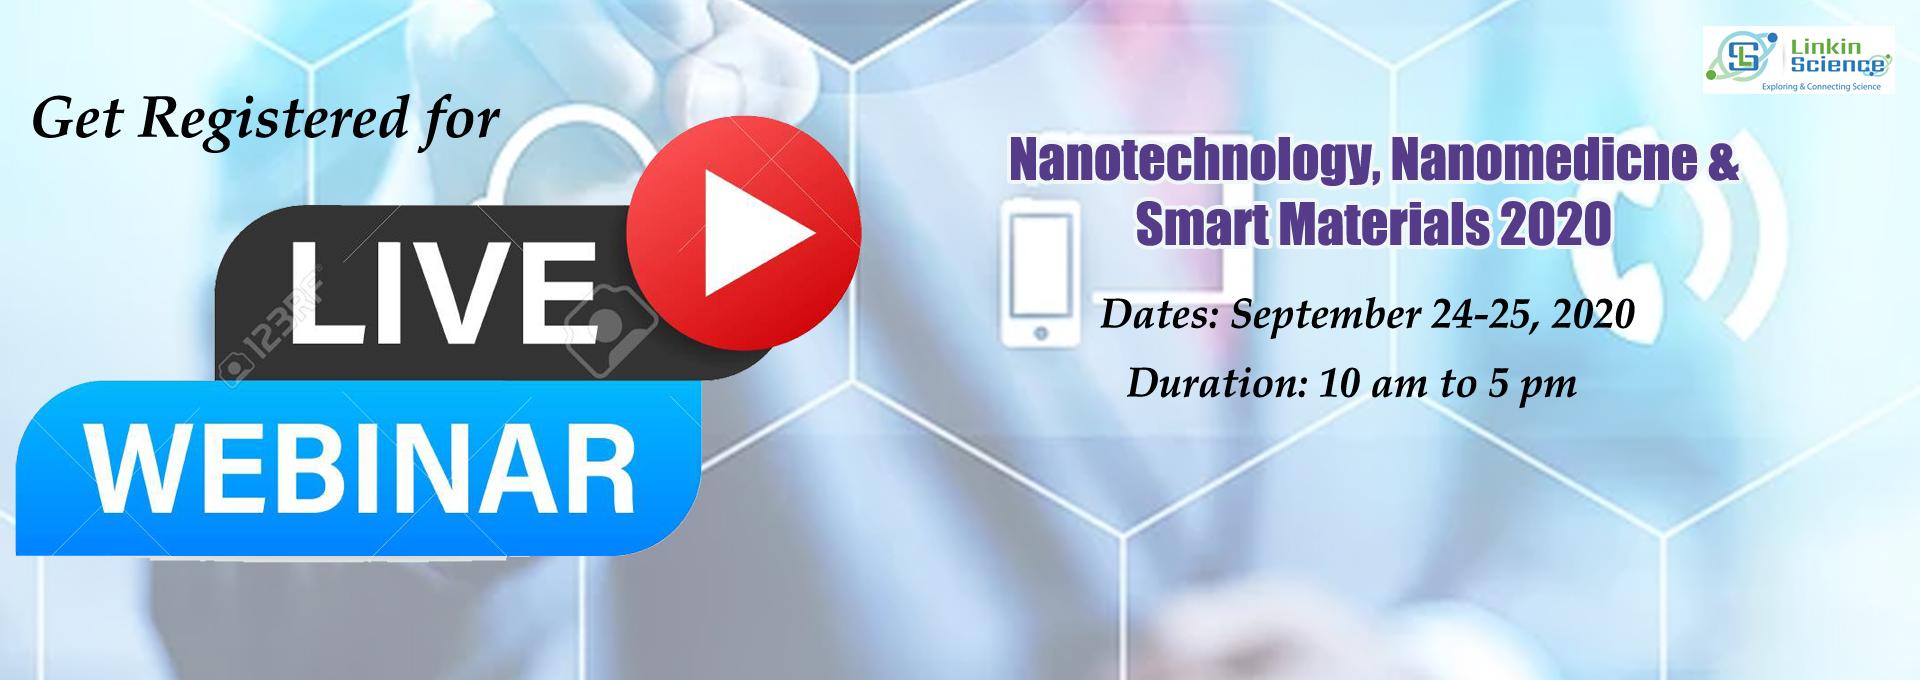 Nanotechnology conference webinar